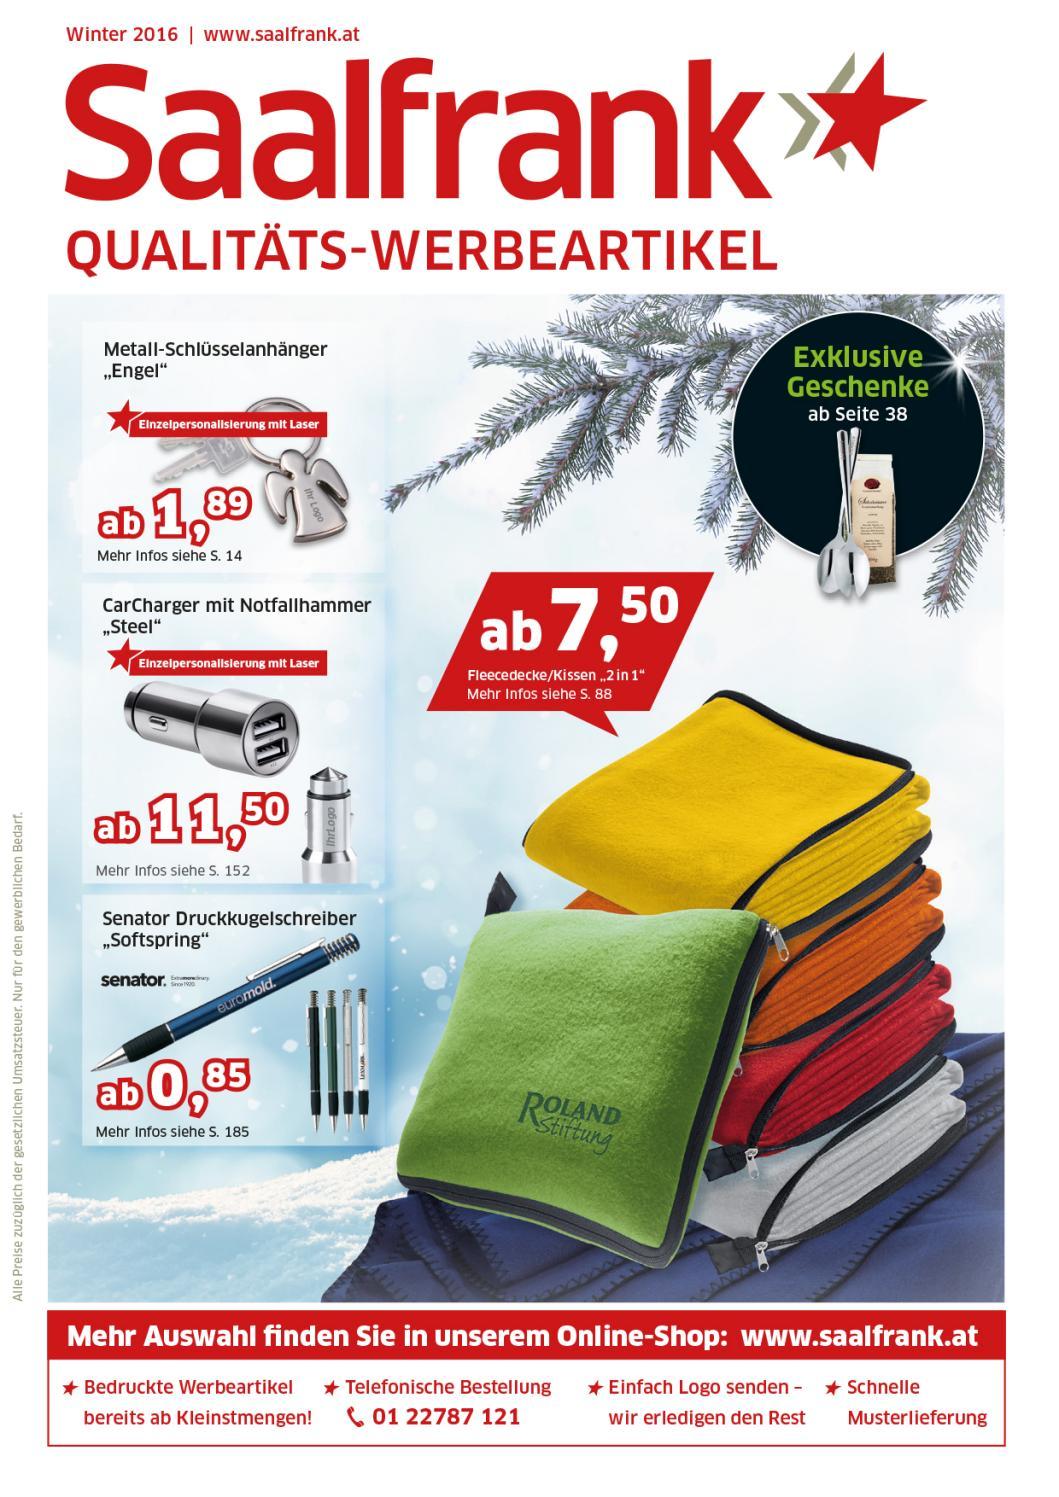 Saalfrank Qualitäts-Werbeartikel Winter Katalog 7 Österreich by